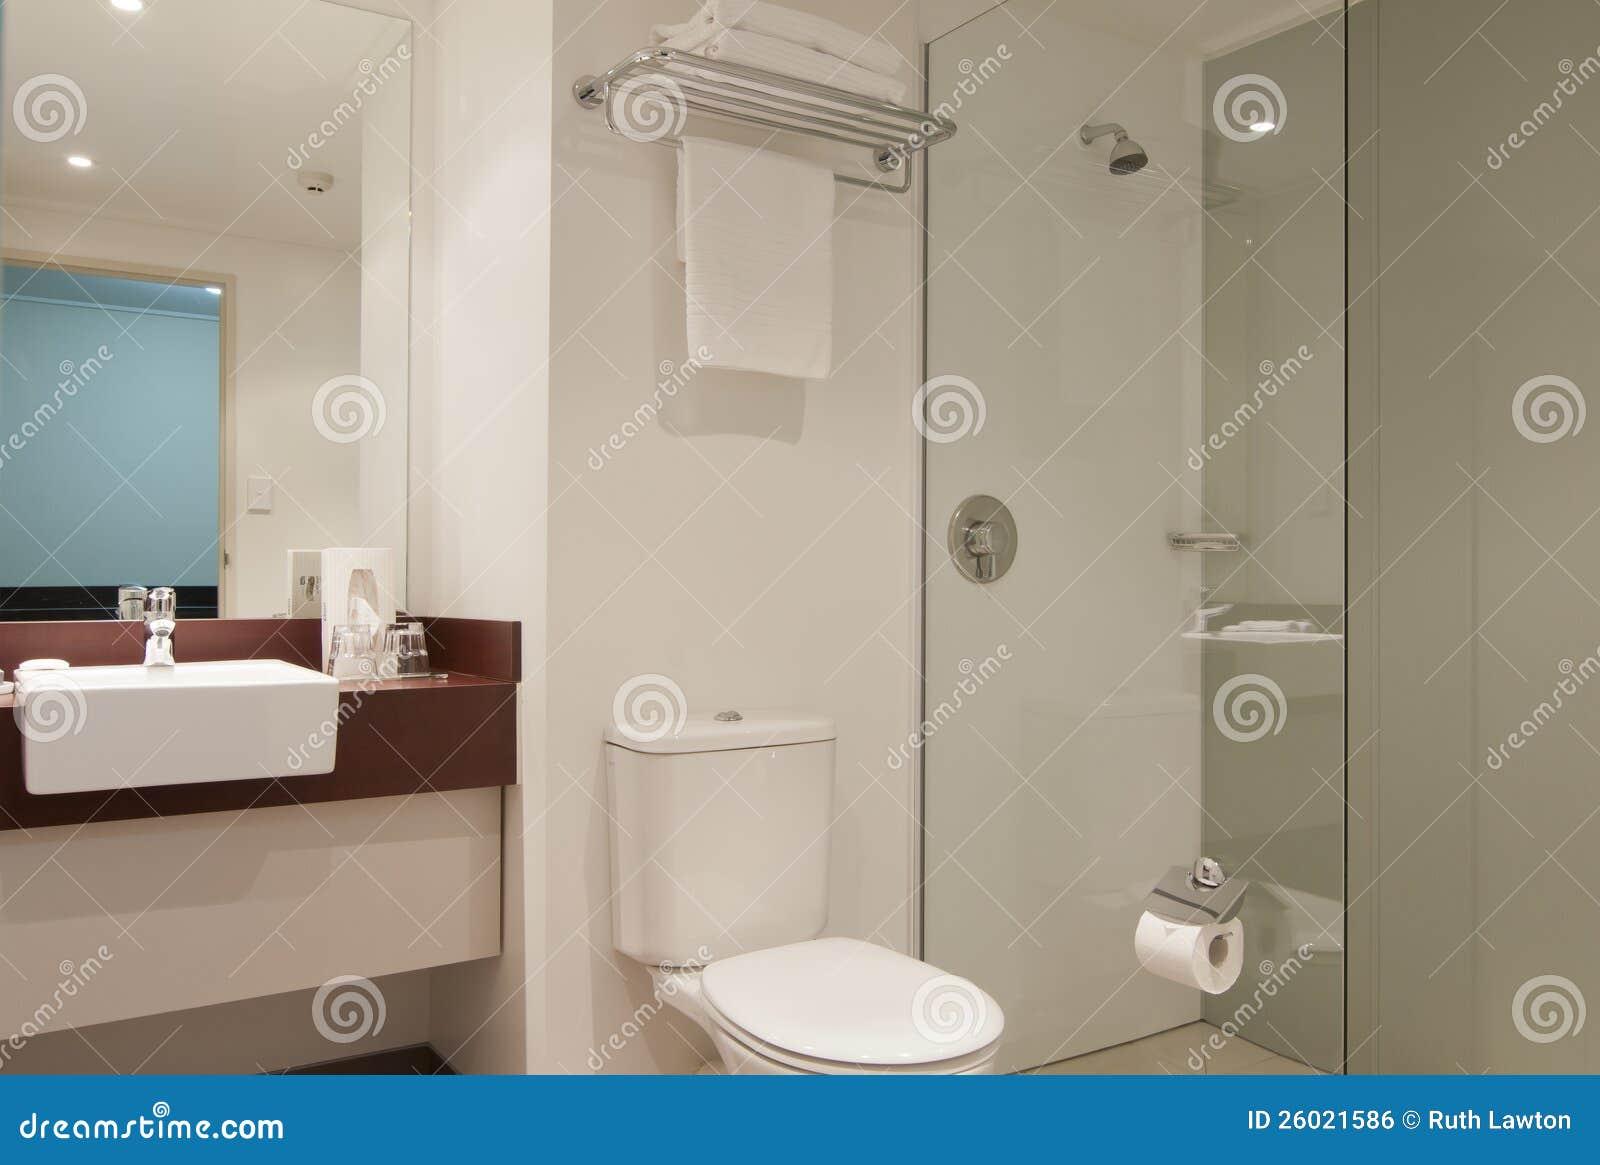 Hotel-Badezimmer stockfoto. Bild von dusche, dekor, badezimmer ...